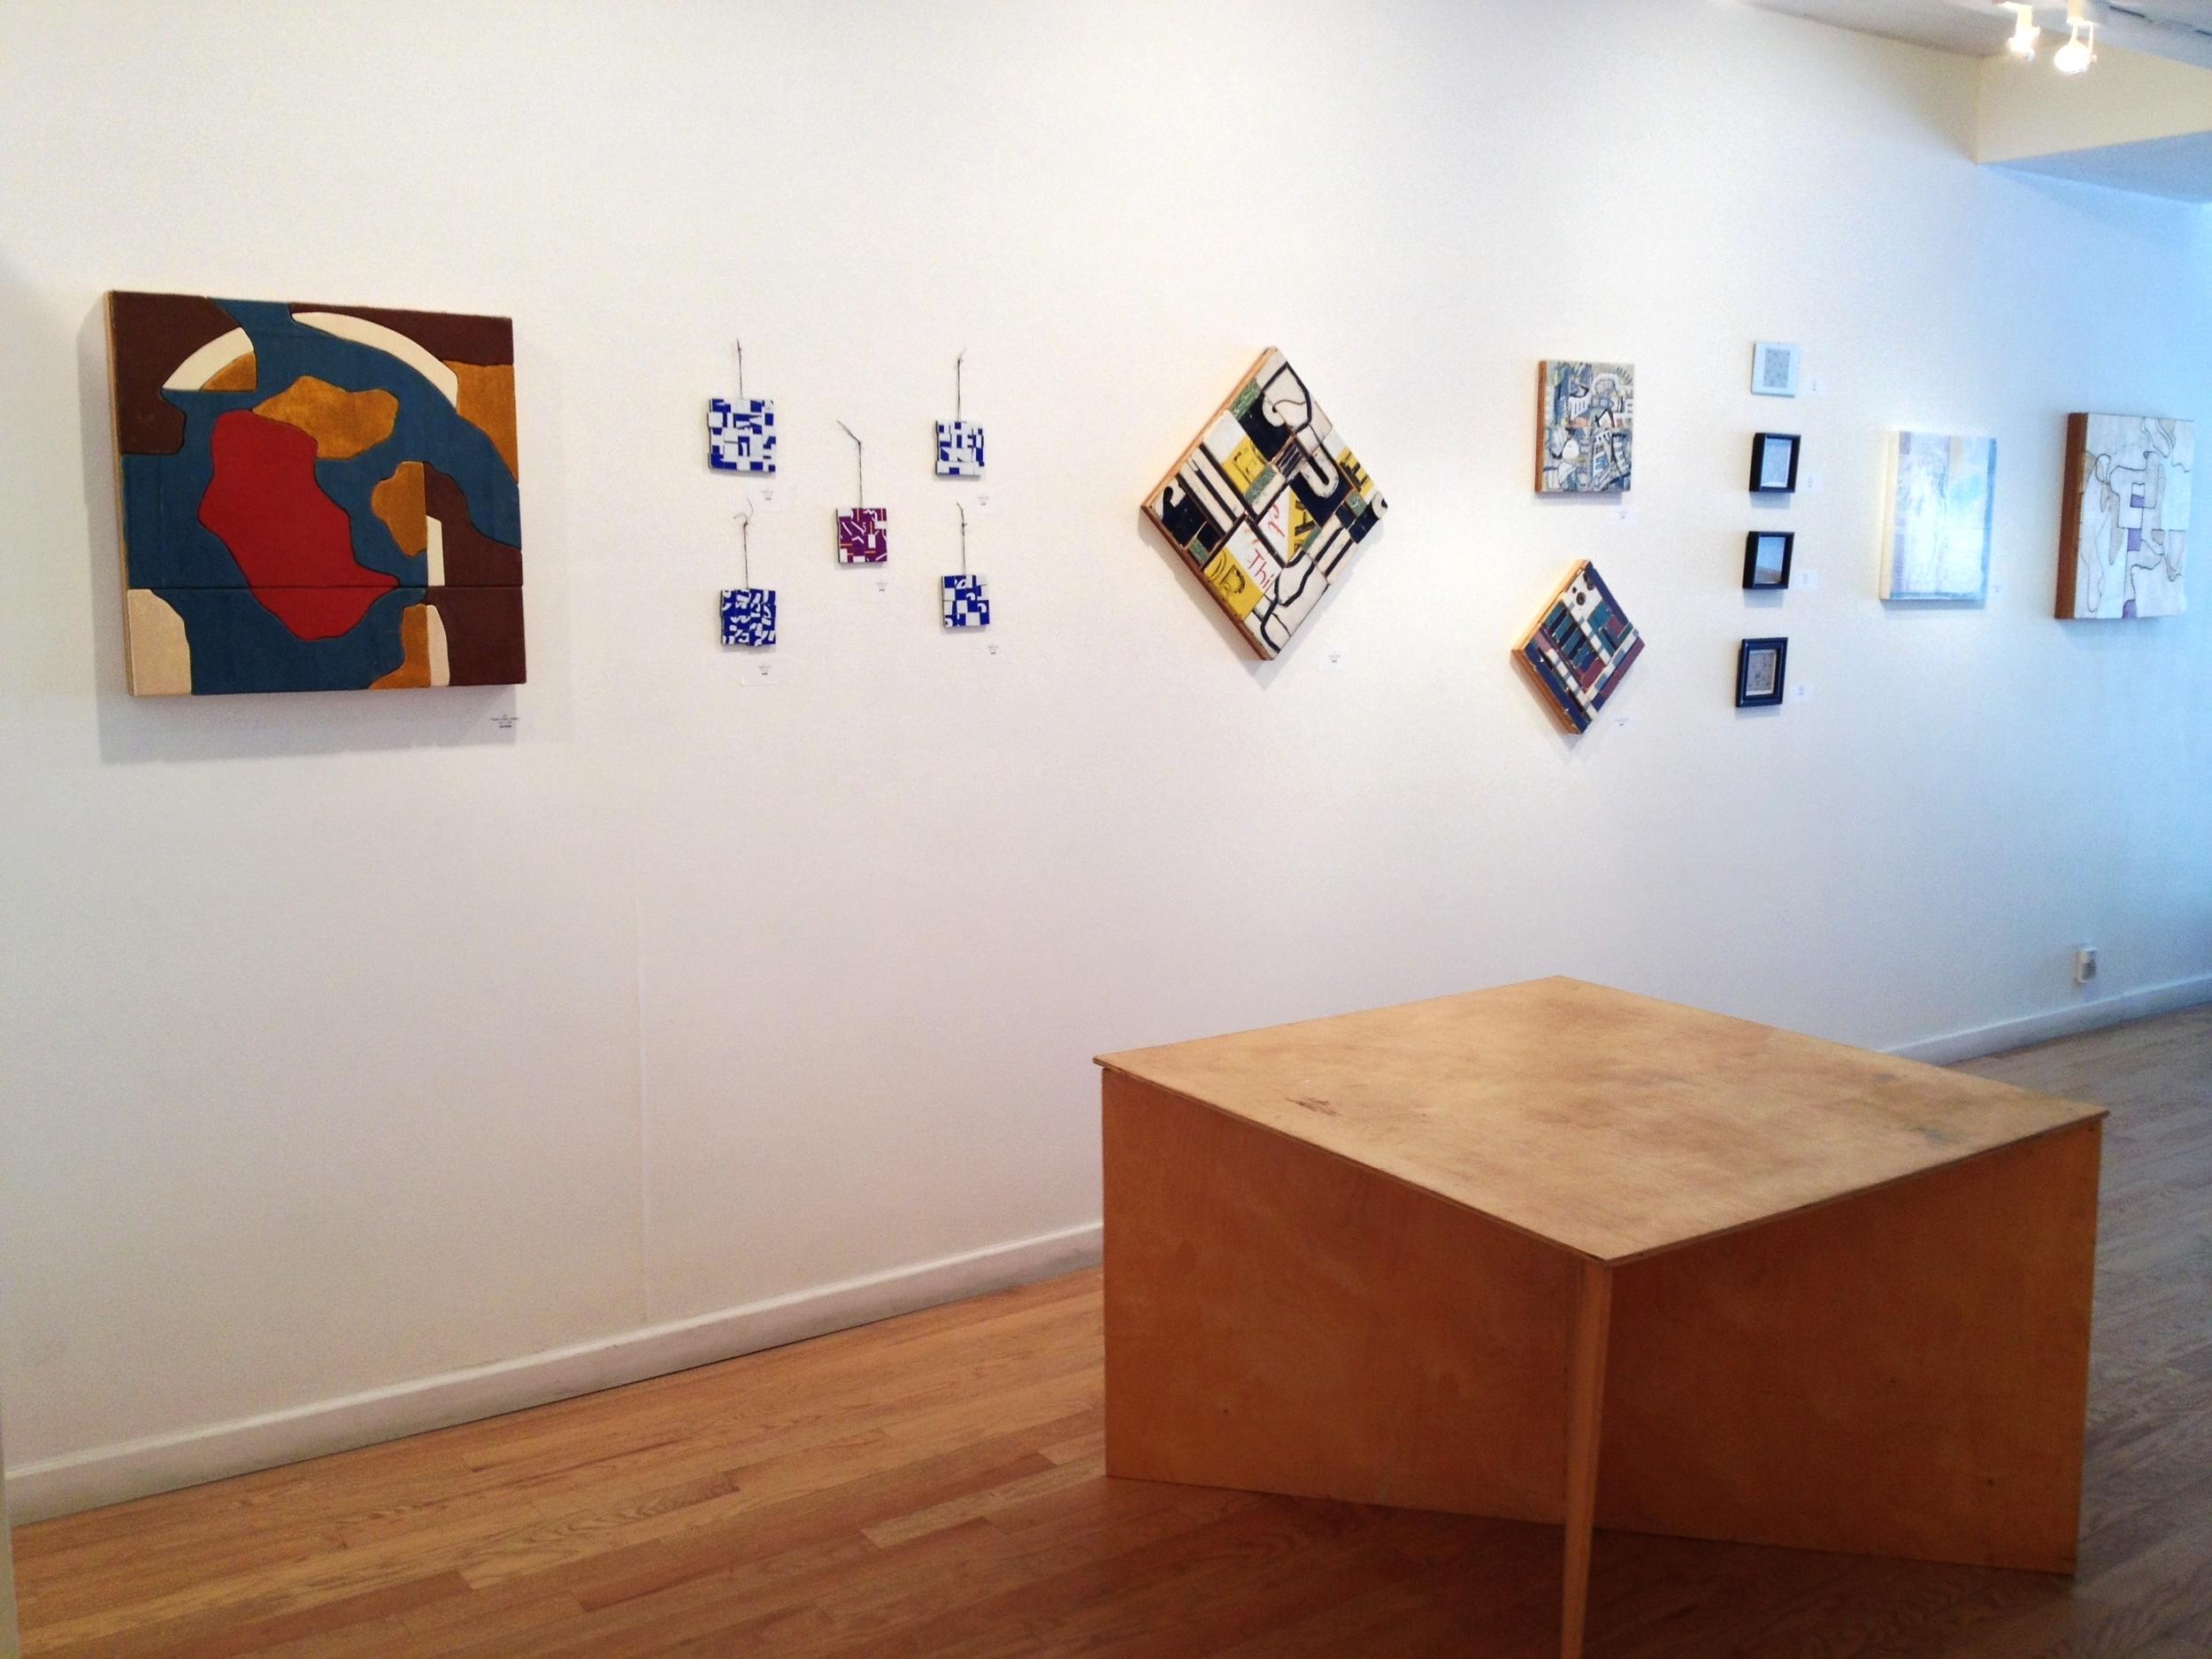 J. Willis Install, 516 Arts, May, 2015